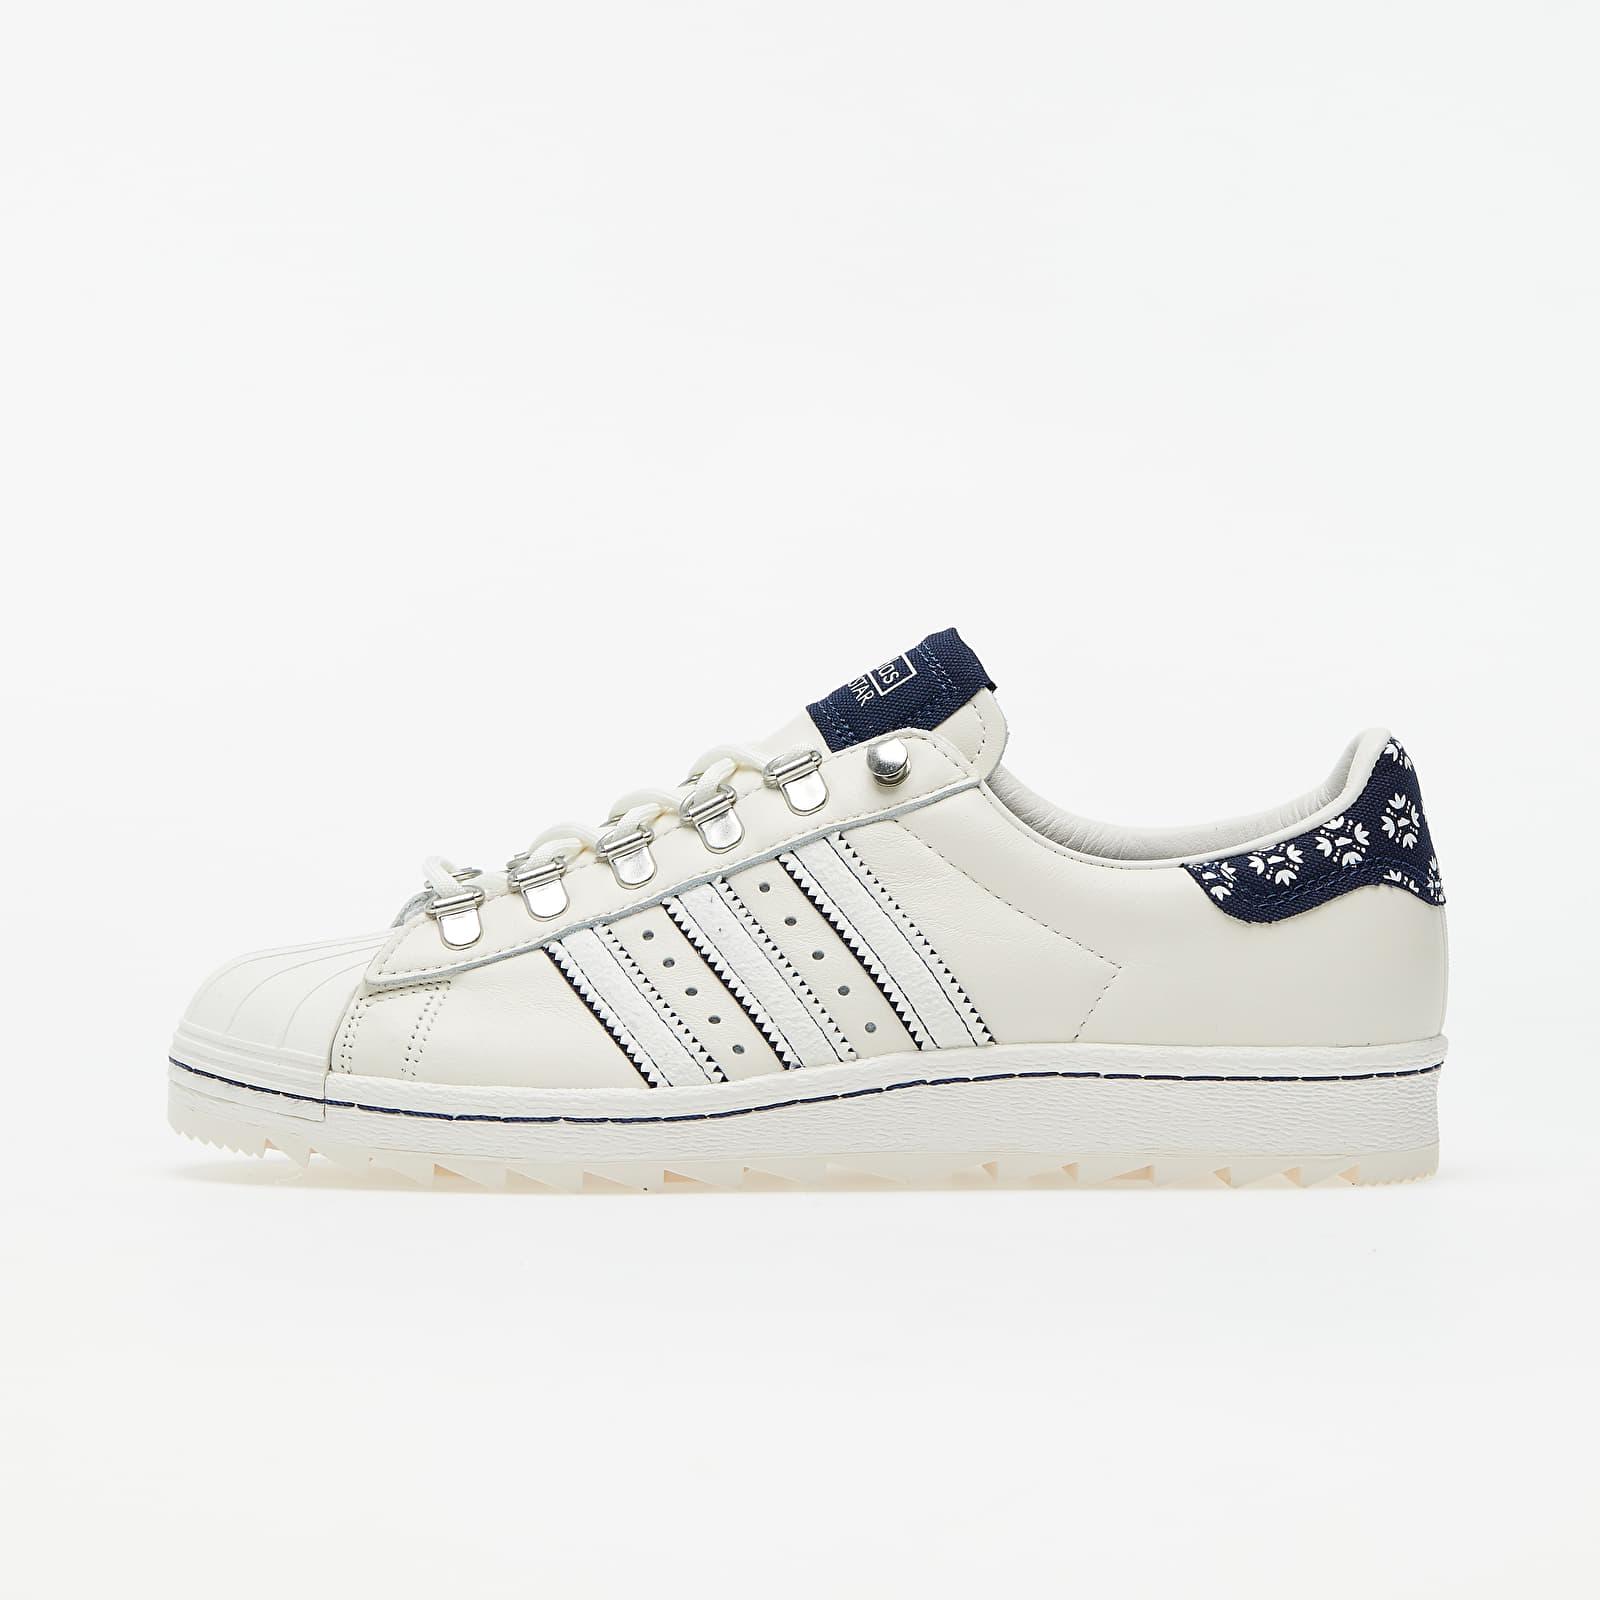 Chaussures et baskets homme Footshop x adidas Superstar Blueprinting Core White/ Night Indigo/ Night Indigo